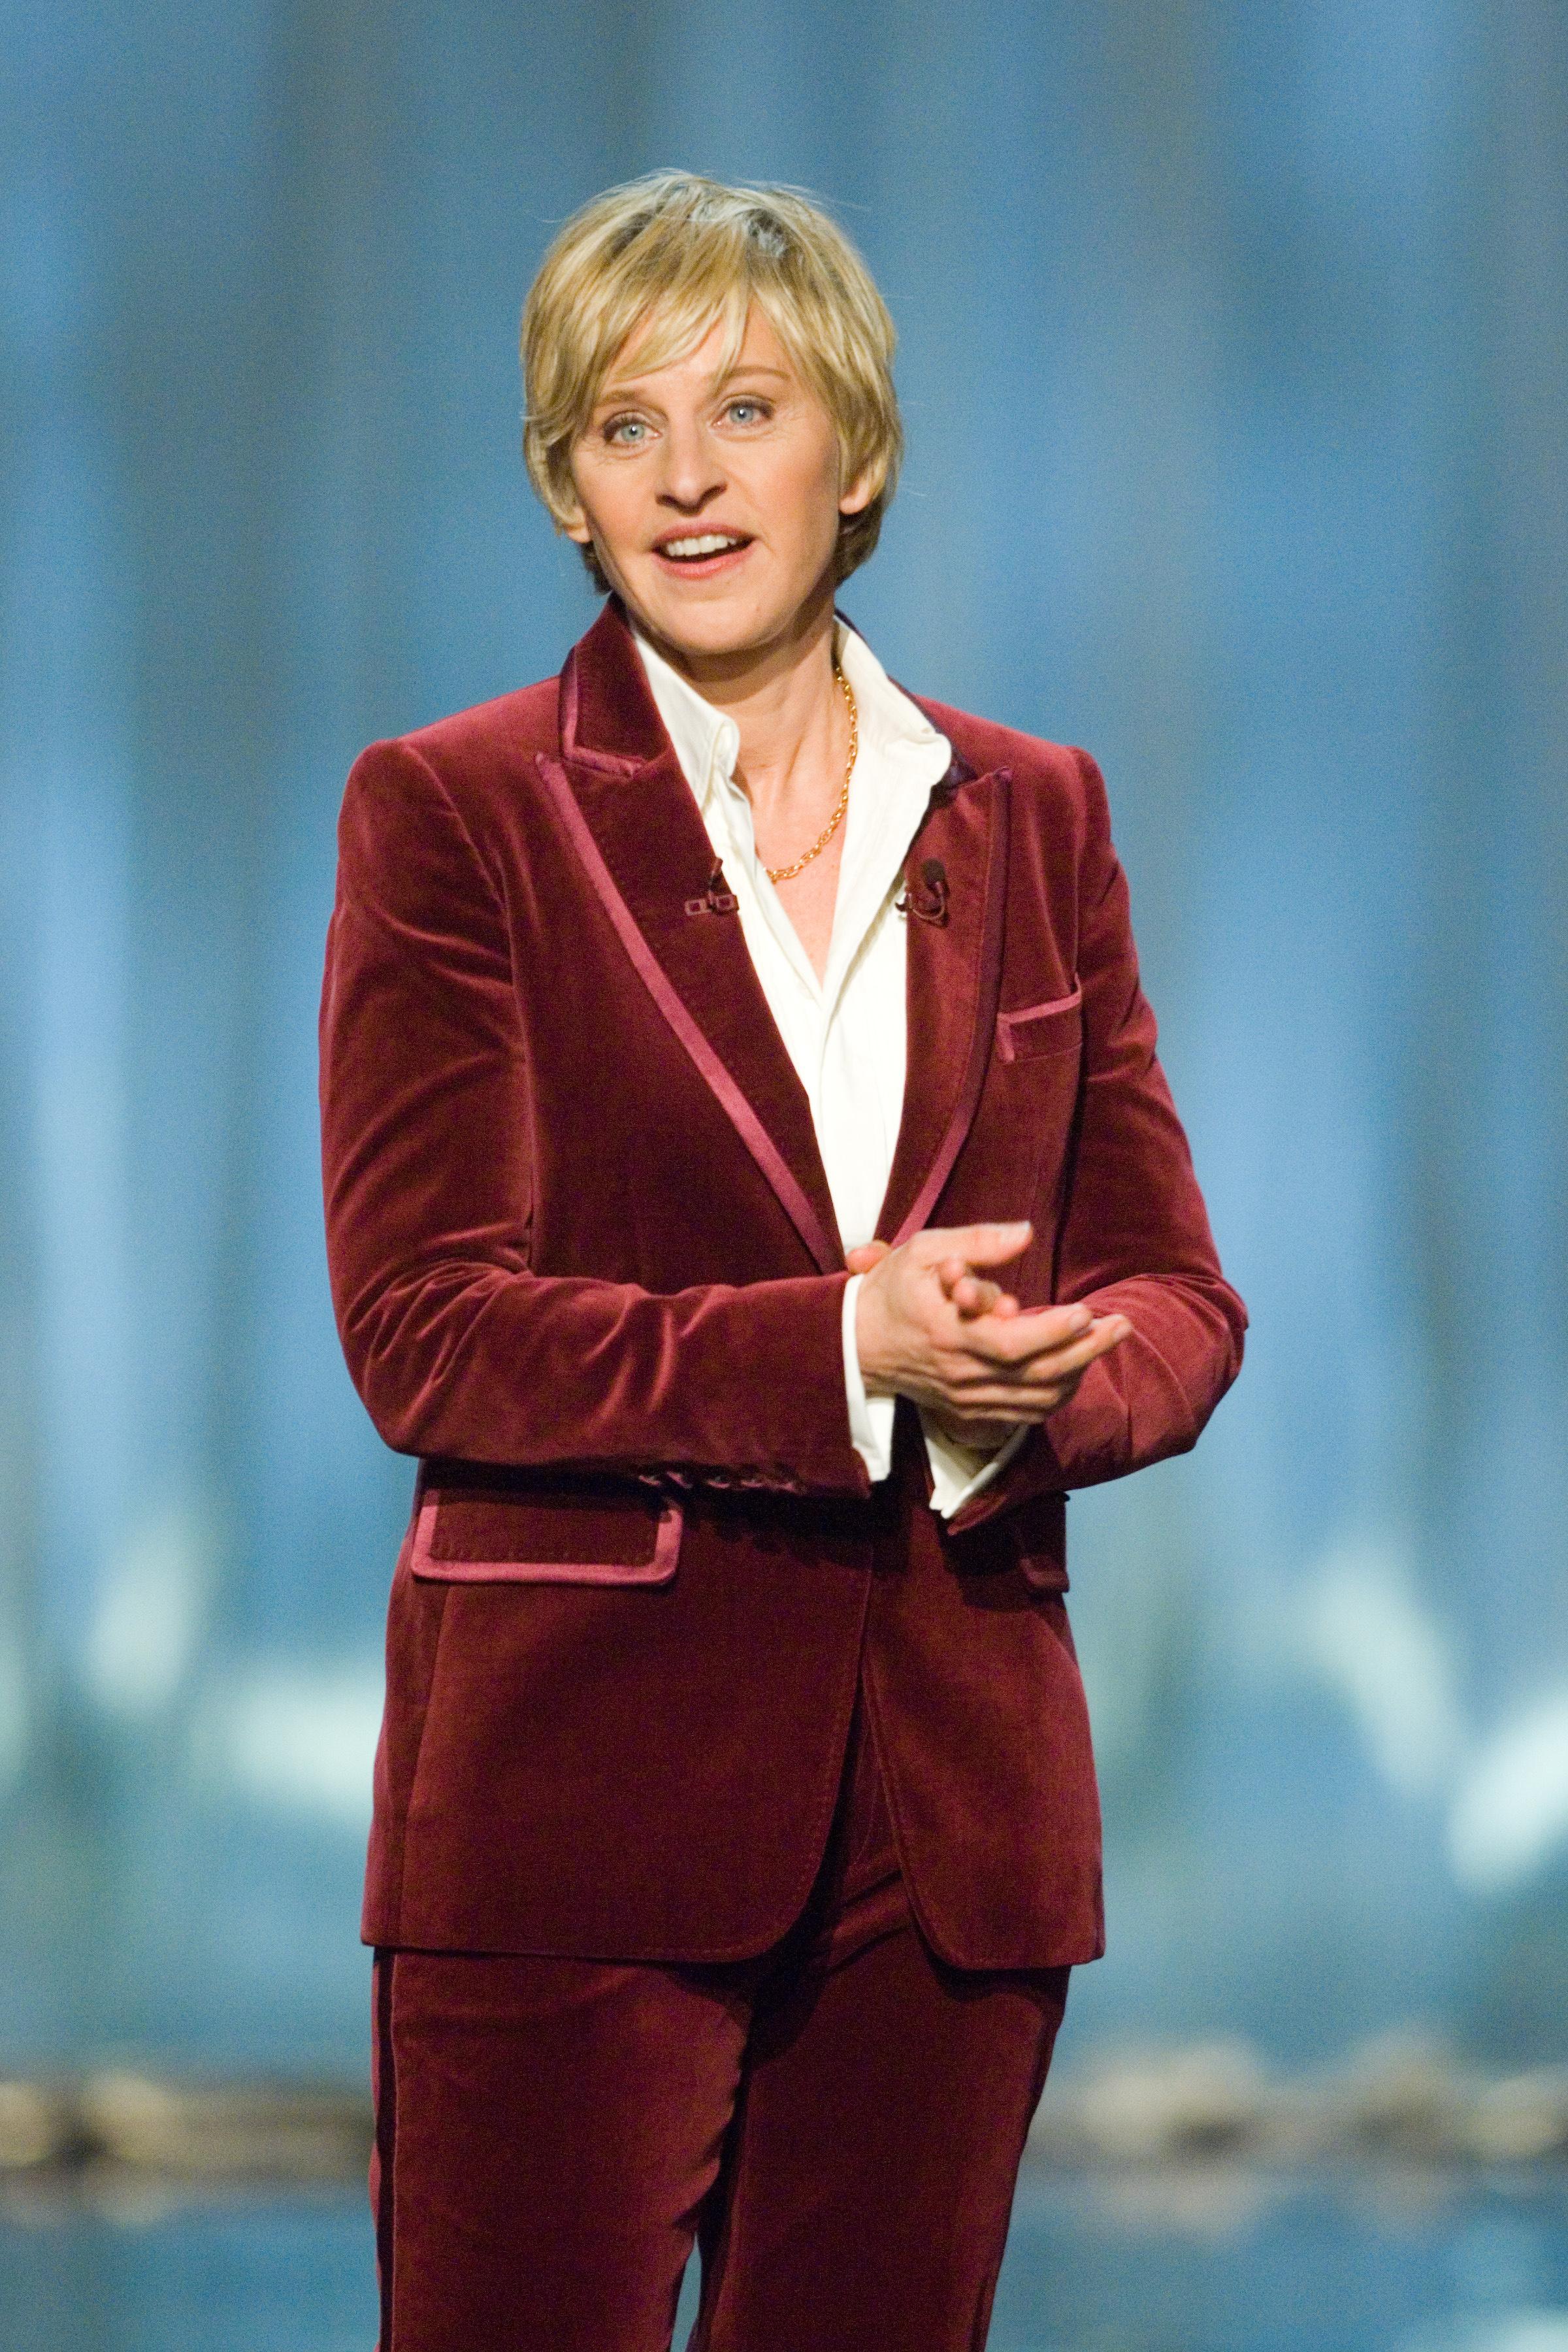 Ellen DeGeneres to host the 2014 Academy Awards